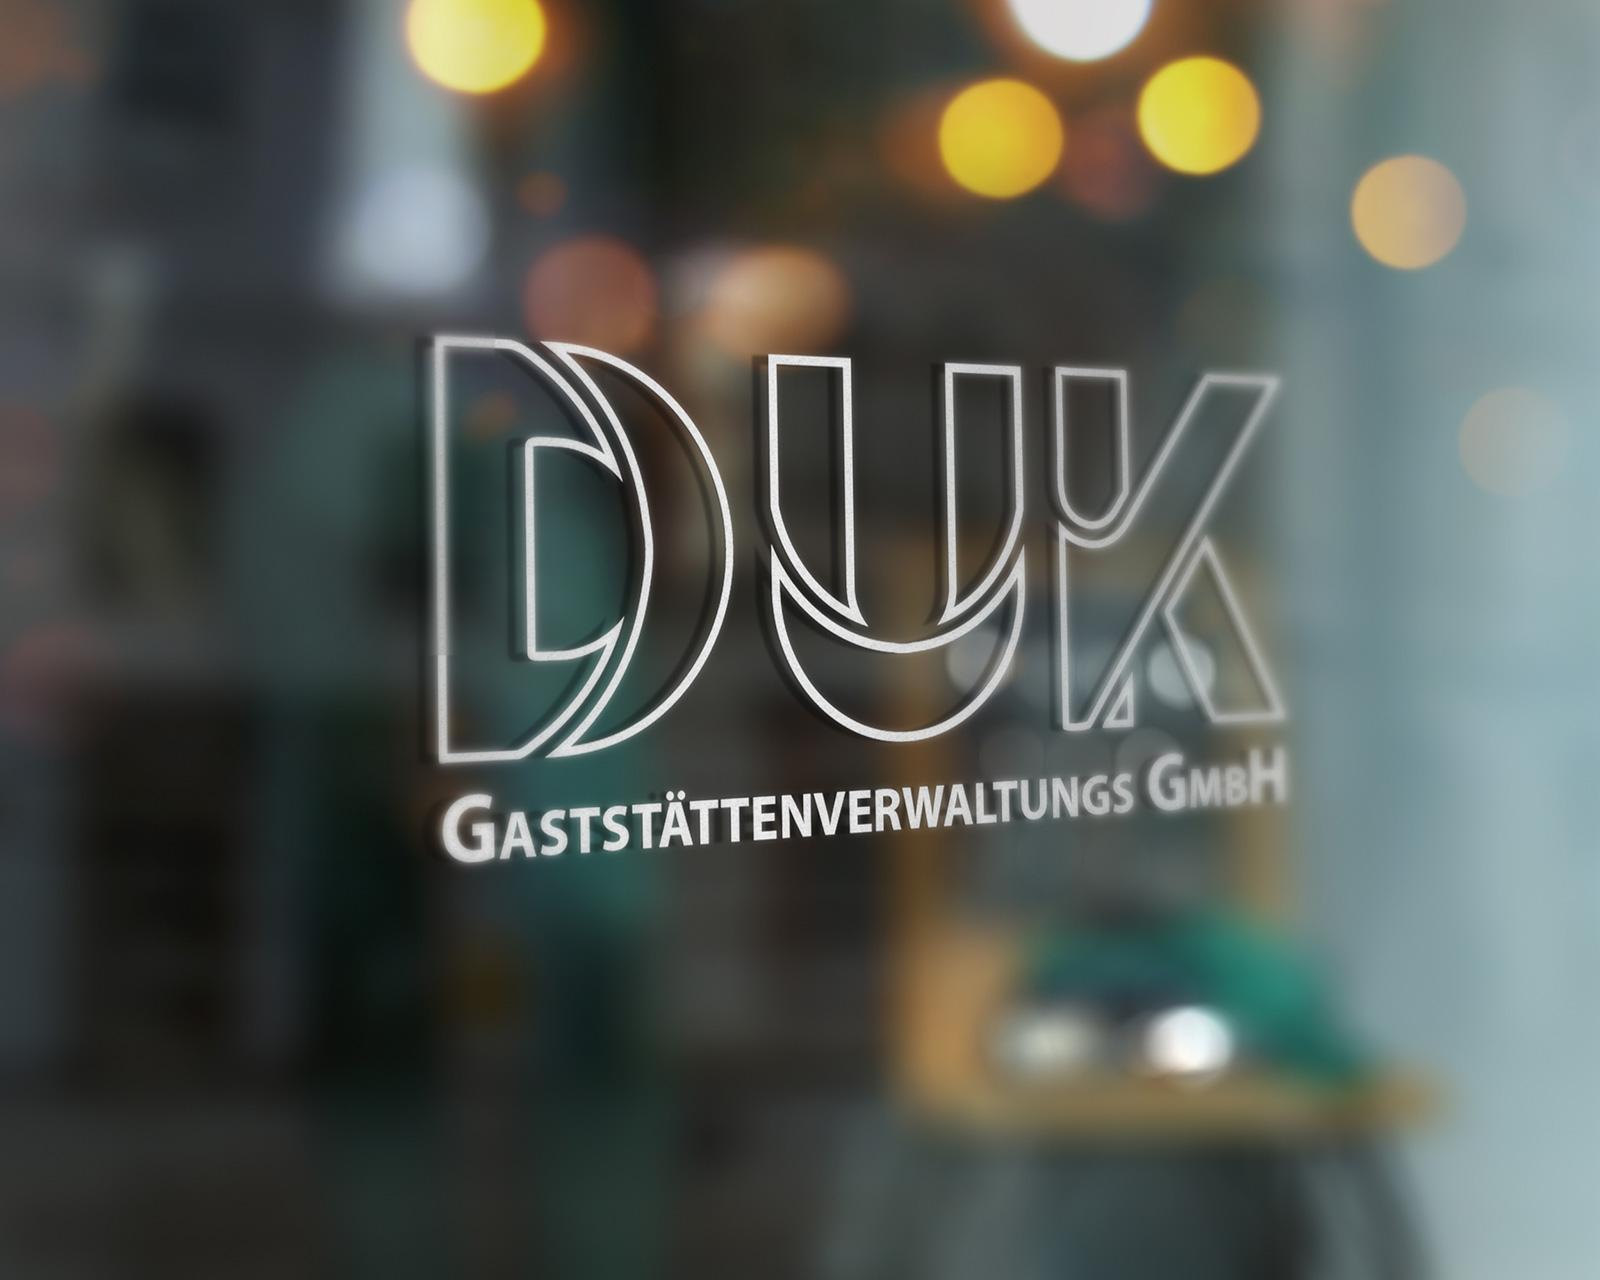 duk-portfolio